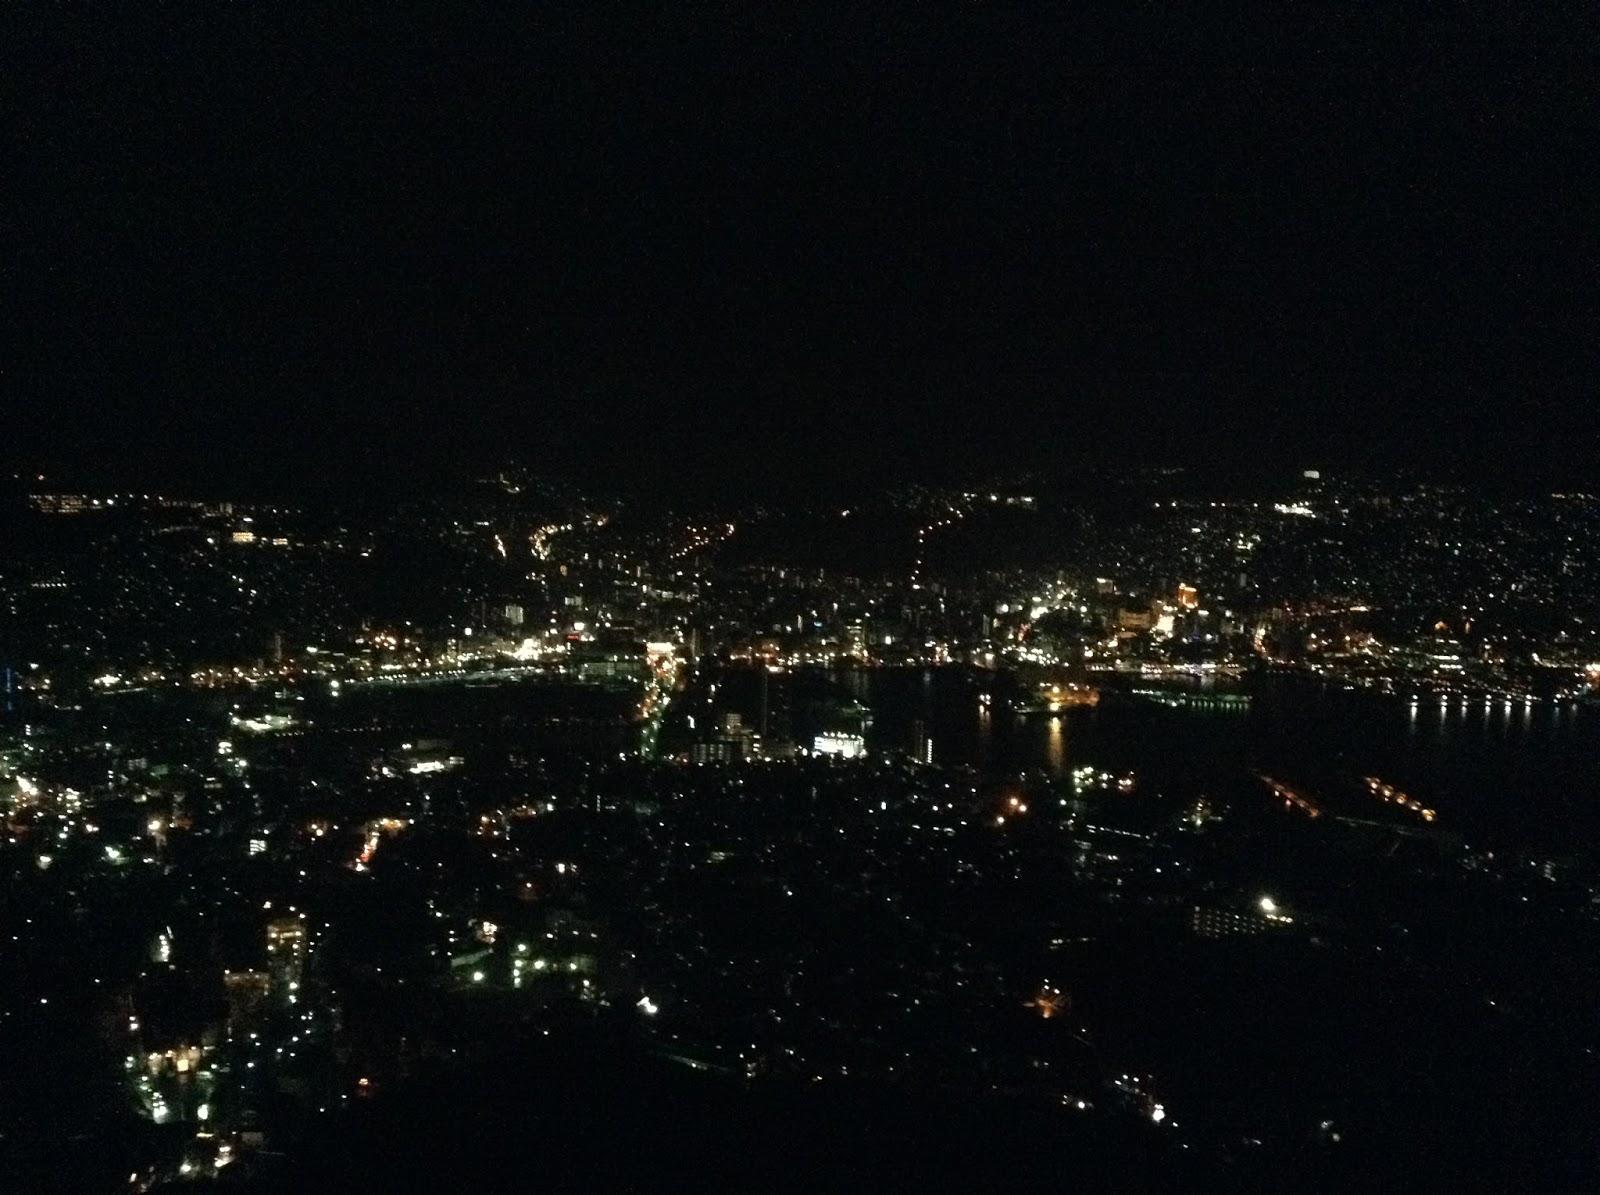 Inasayama Nagasaki night